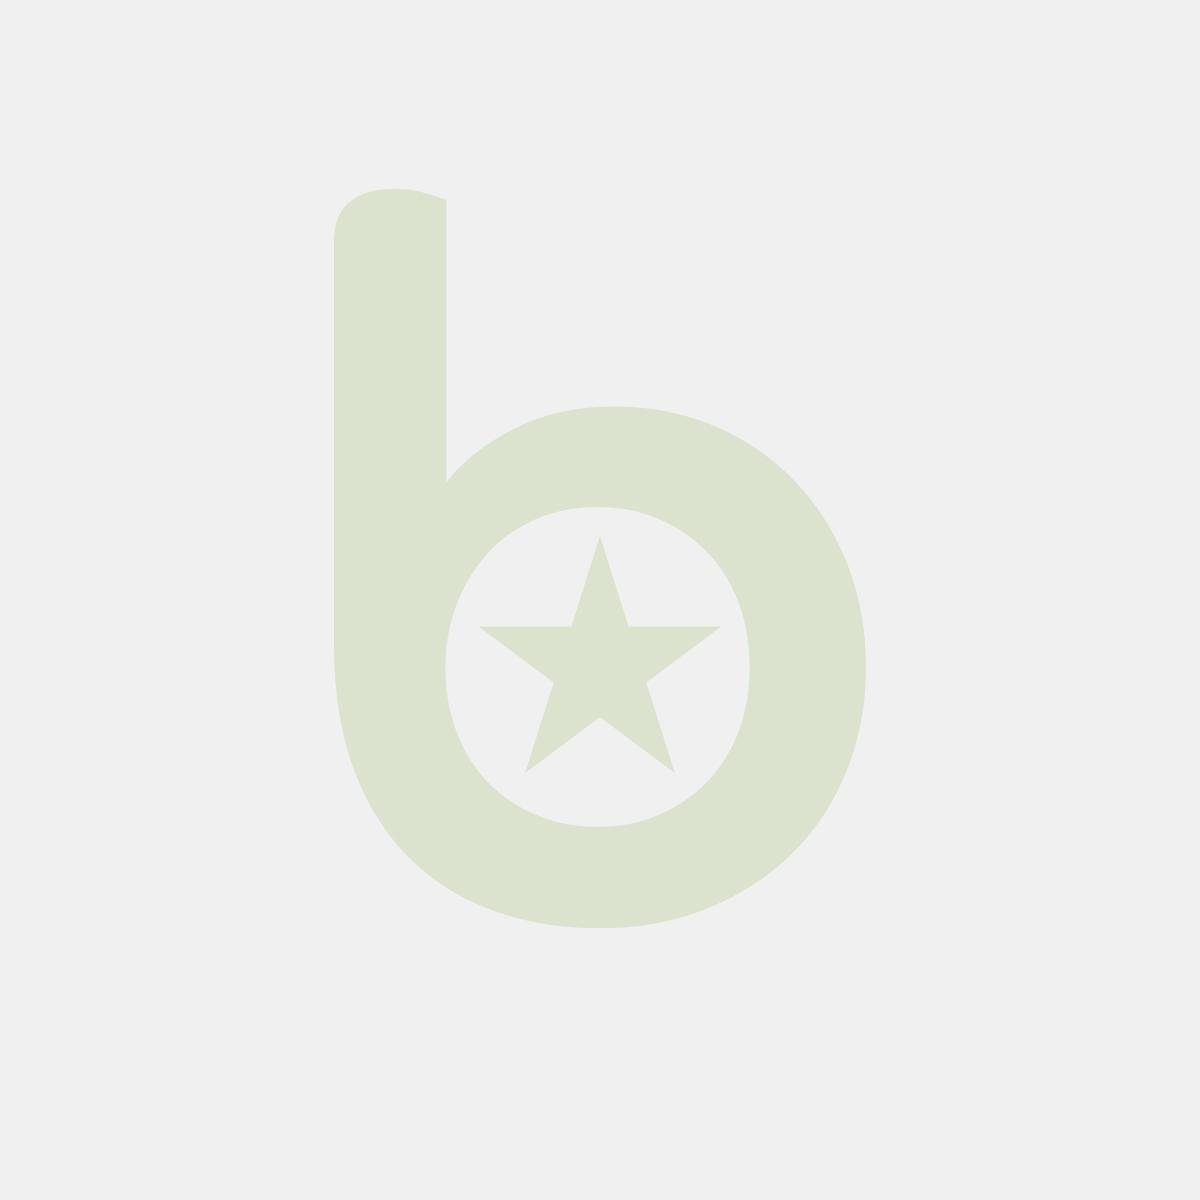 Worki polipropylenowe (PP) 55x80cm (53g) - 30kg, cena za 100szt